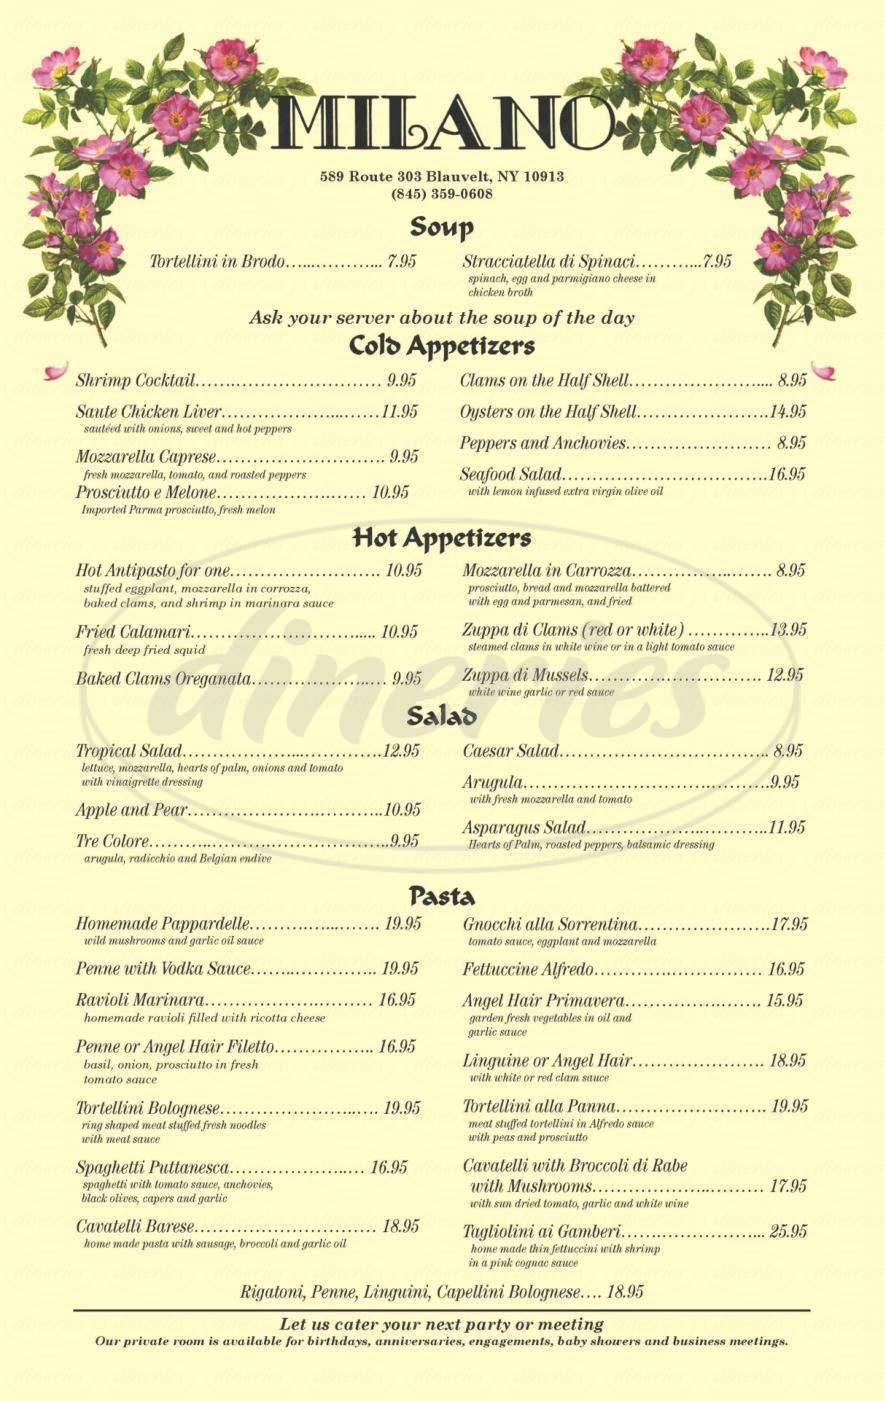 menu for Ristorante Milano